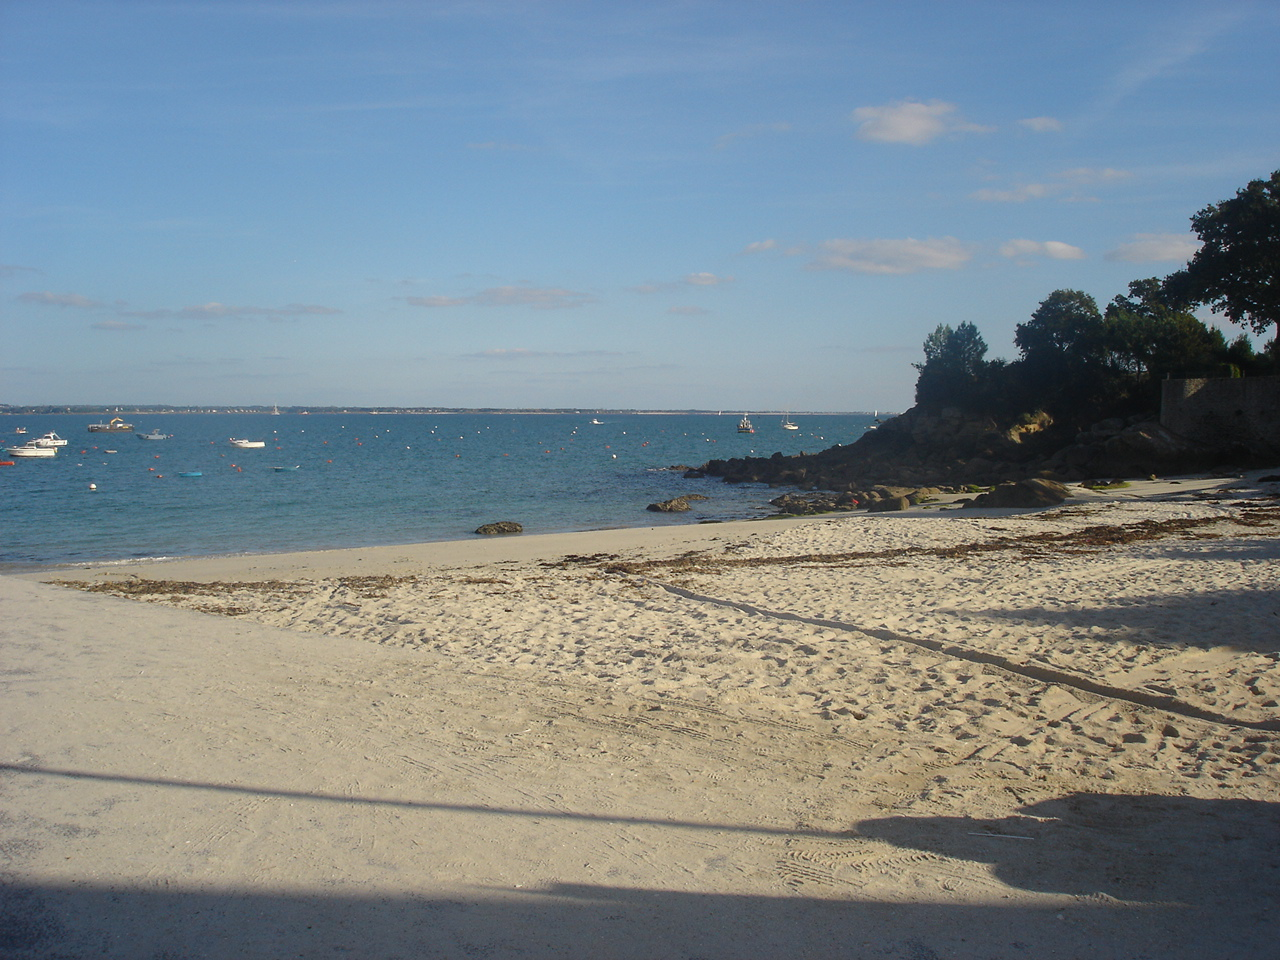 Zum Ferienhaus in der Bretagne - Treten Sie ein - große Auswahl an Ferienhäusern - Bienvenue- Willkommen- Degemer mat !